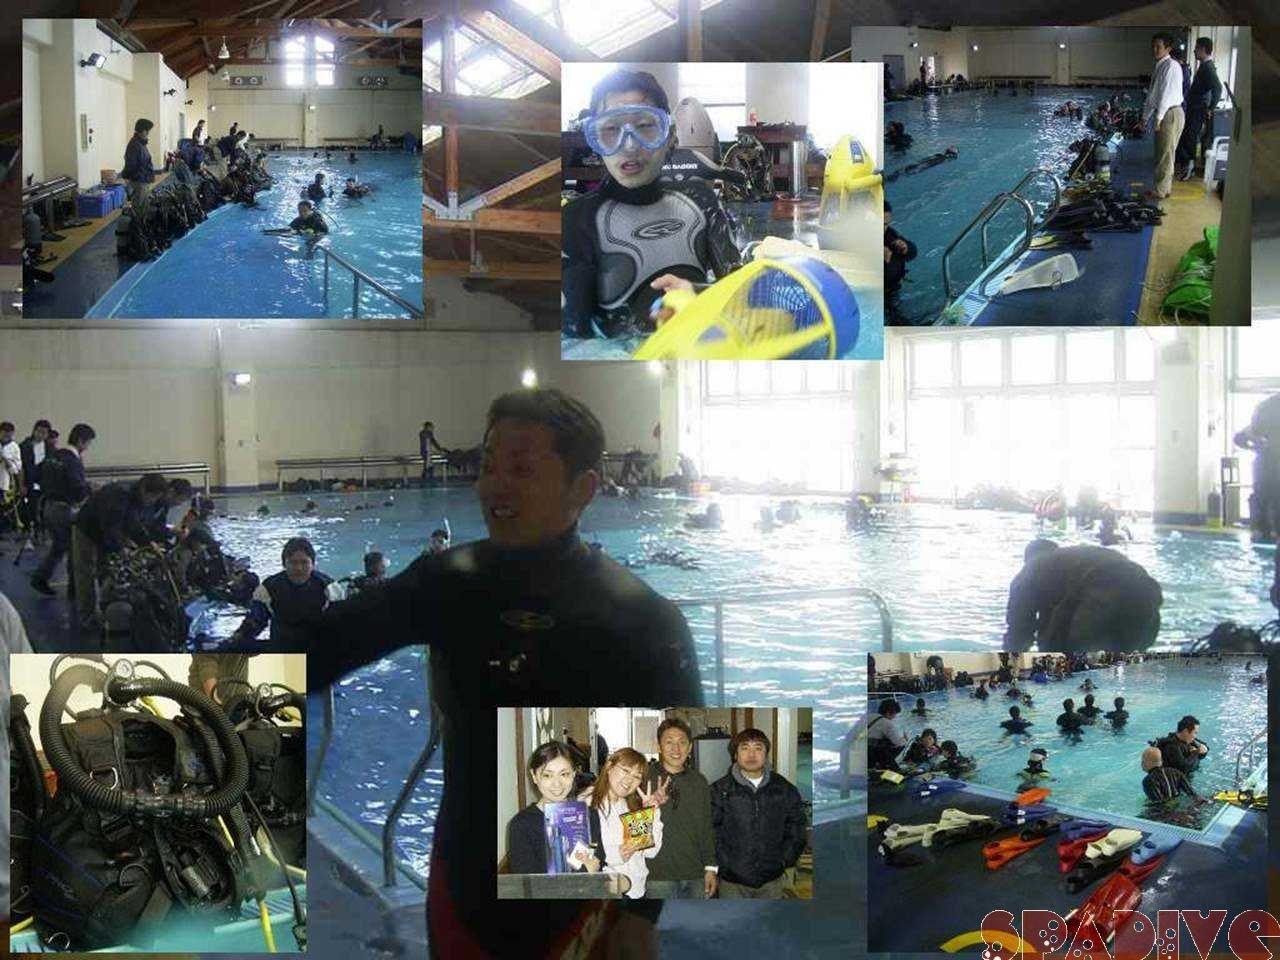 器材モニター会でプールトレーニング|3/27/2005白崎海洋公園